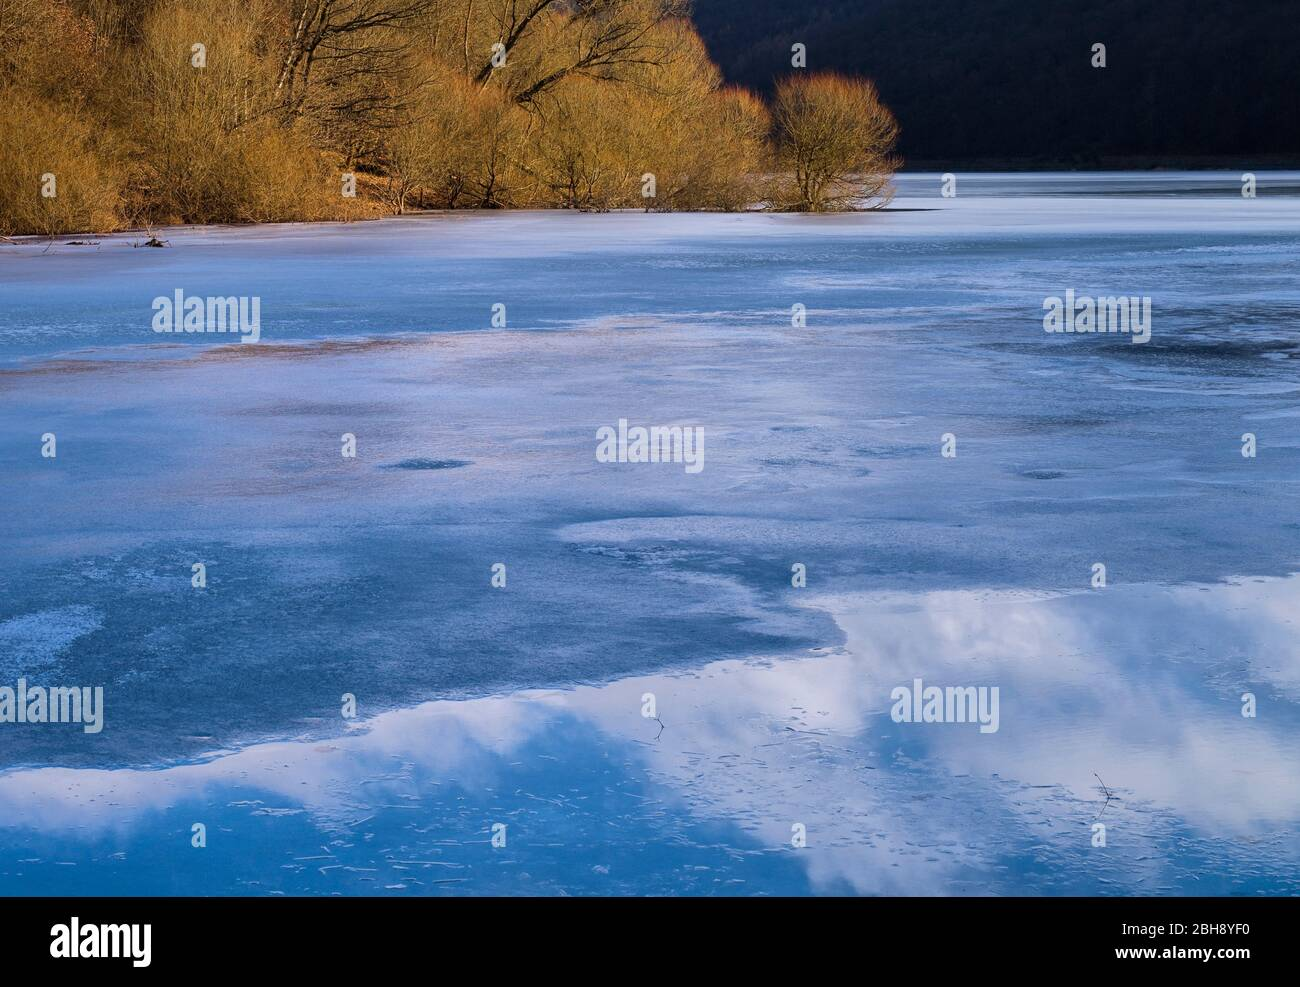 Europa, Deutschland, Hessen, Vöhl, Nationalpark Kellerwald-Edersee, Winterstimmung, Weidenbäume am Ufer der Wooghölle, Wolkenspiegelung Stock Photo